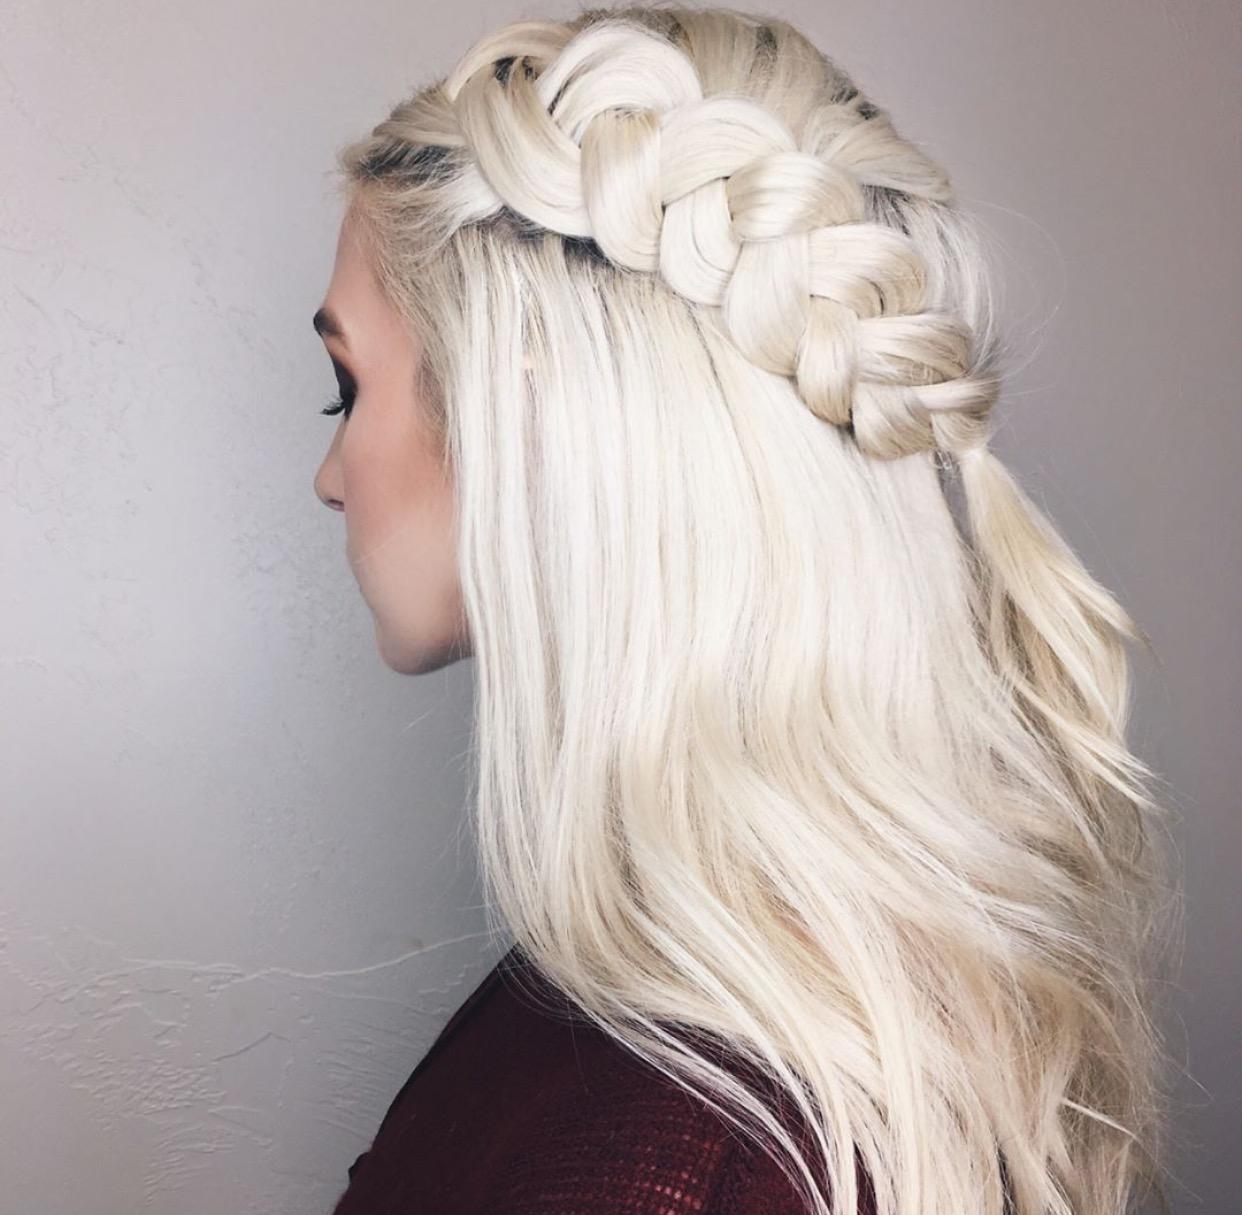 Hair by Kourtney